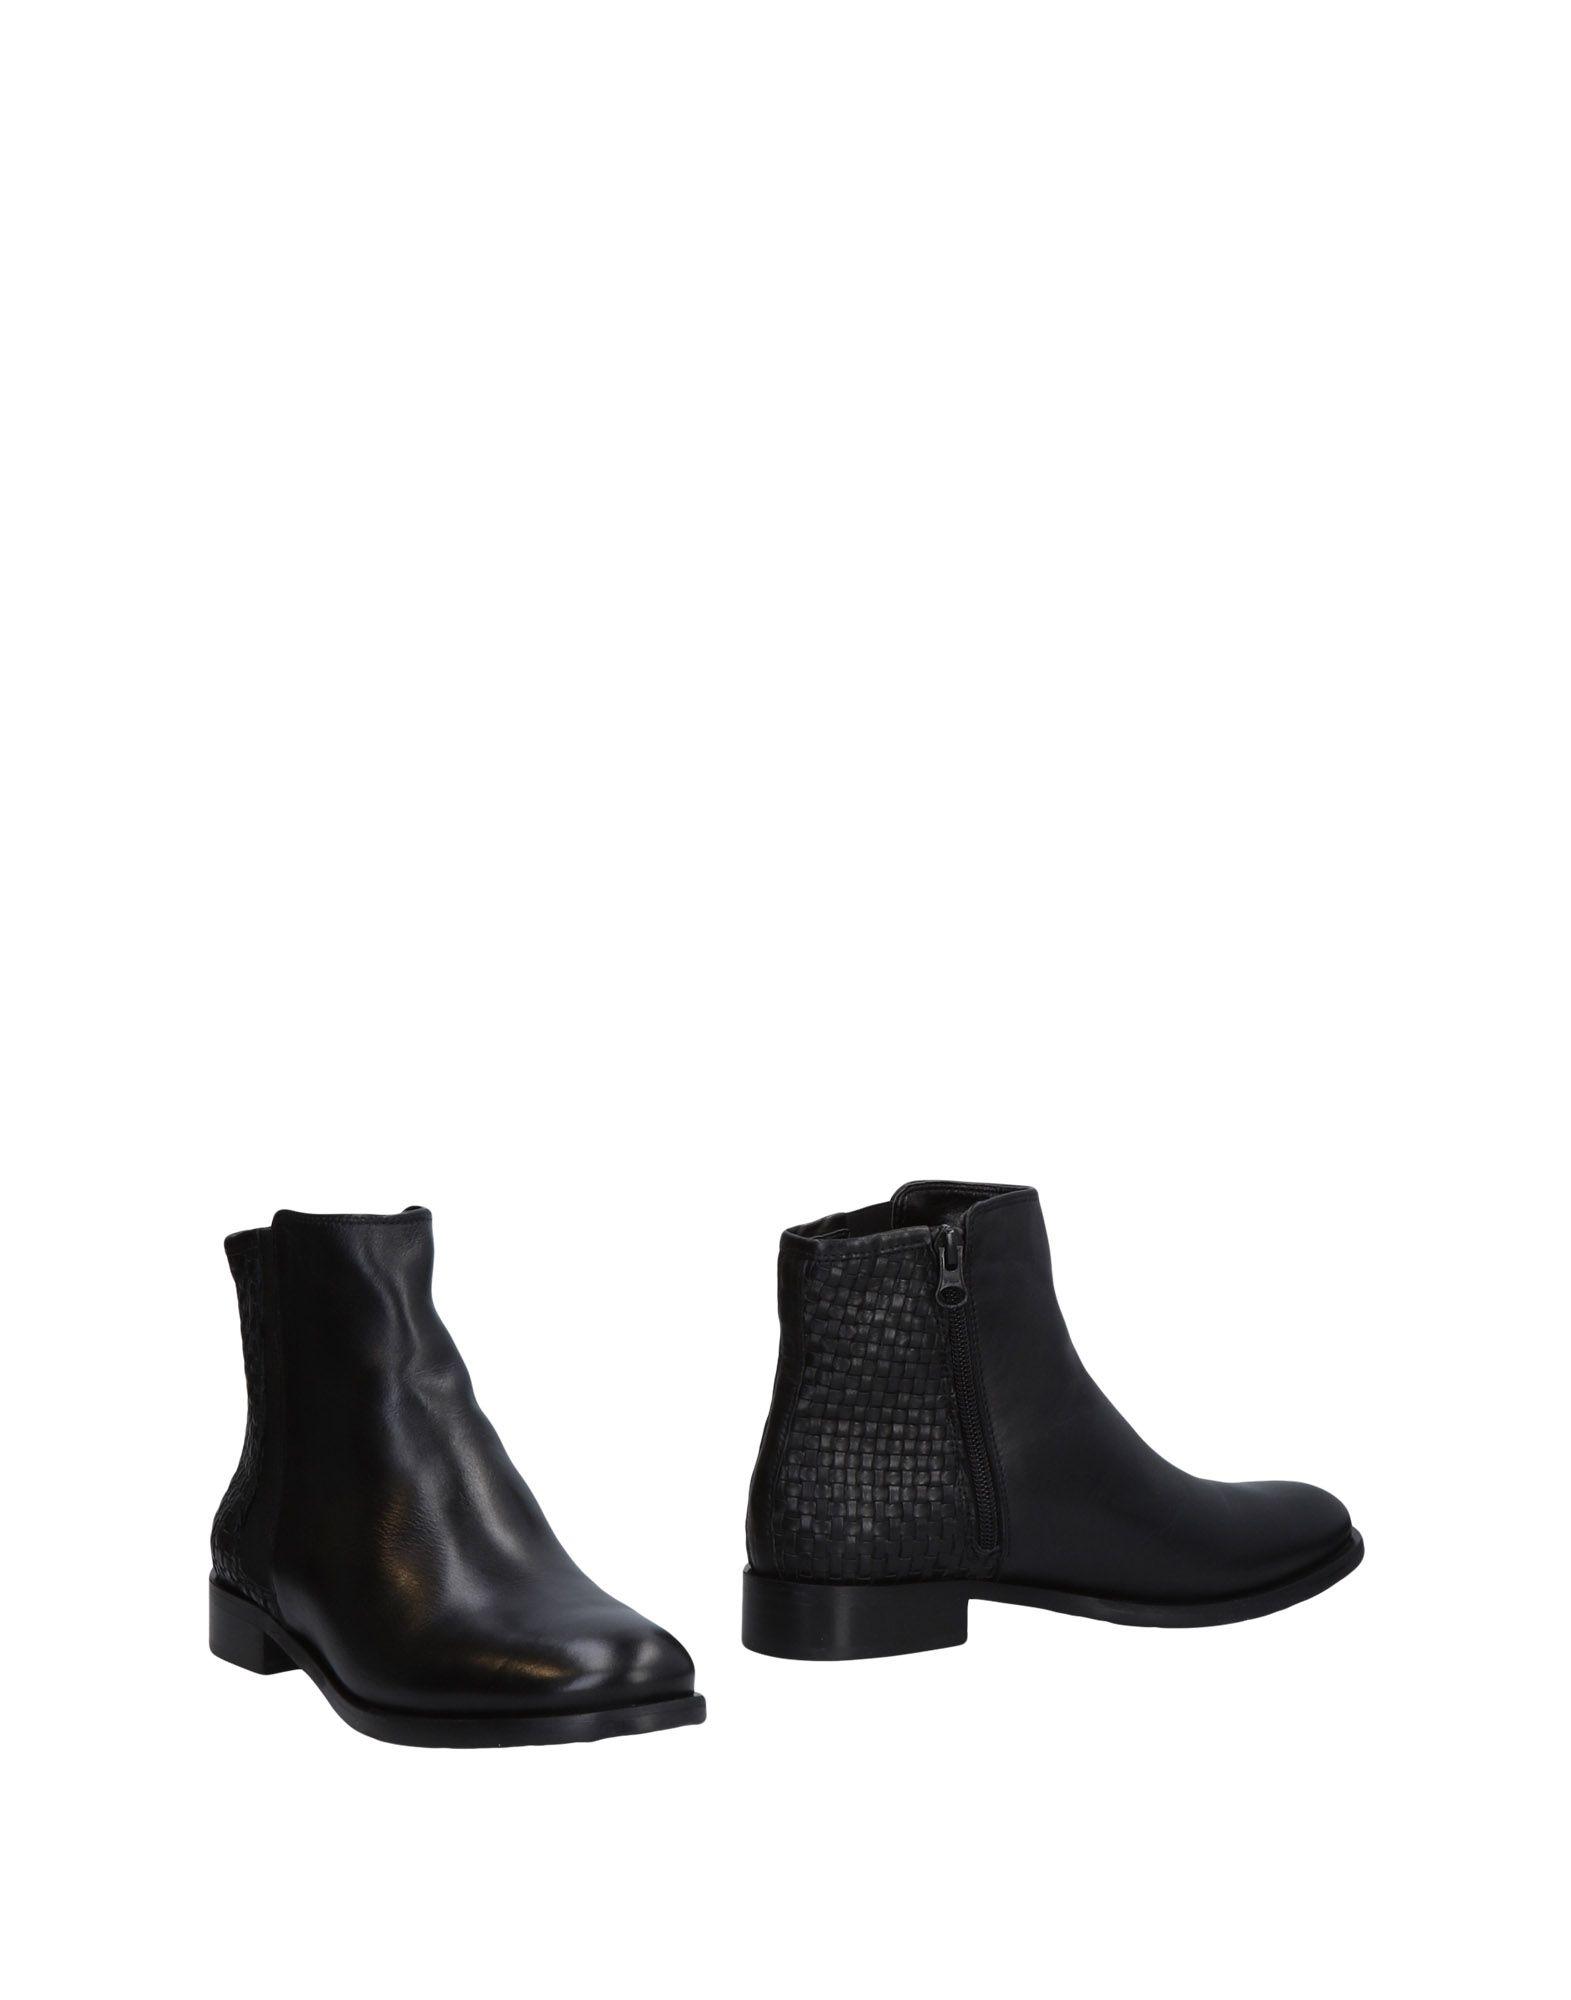 Rose Noire Stiefelette Qualität Damen  11464758BH Gute Qualität Stiefelette beliebte Schuhe 8dc084